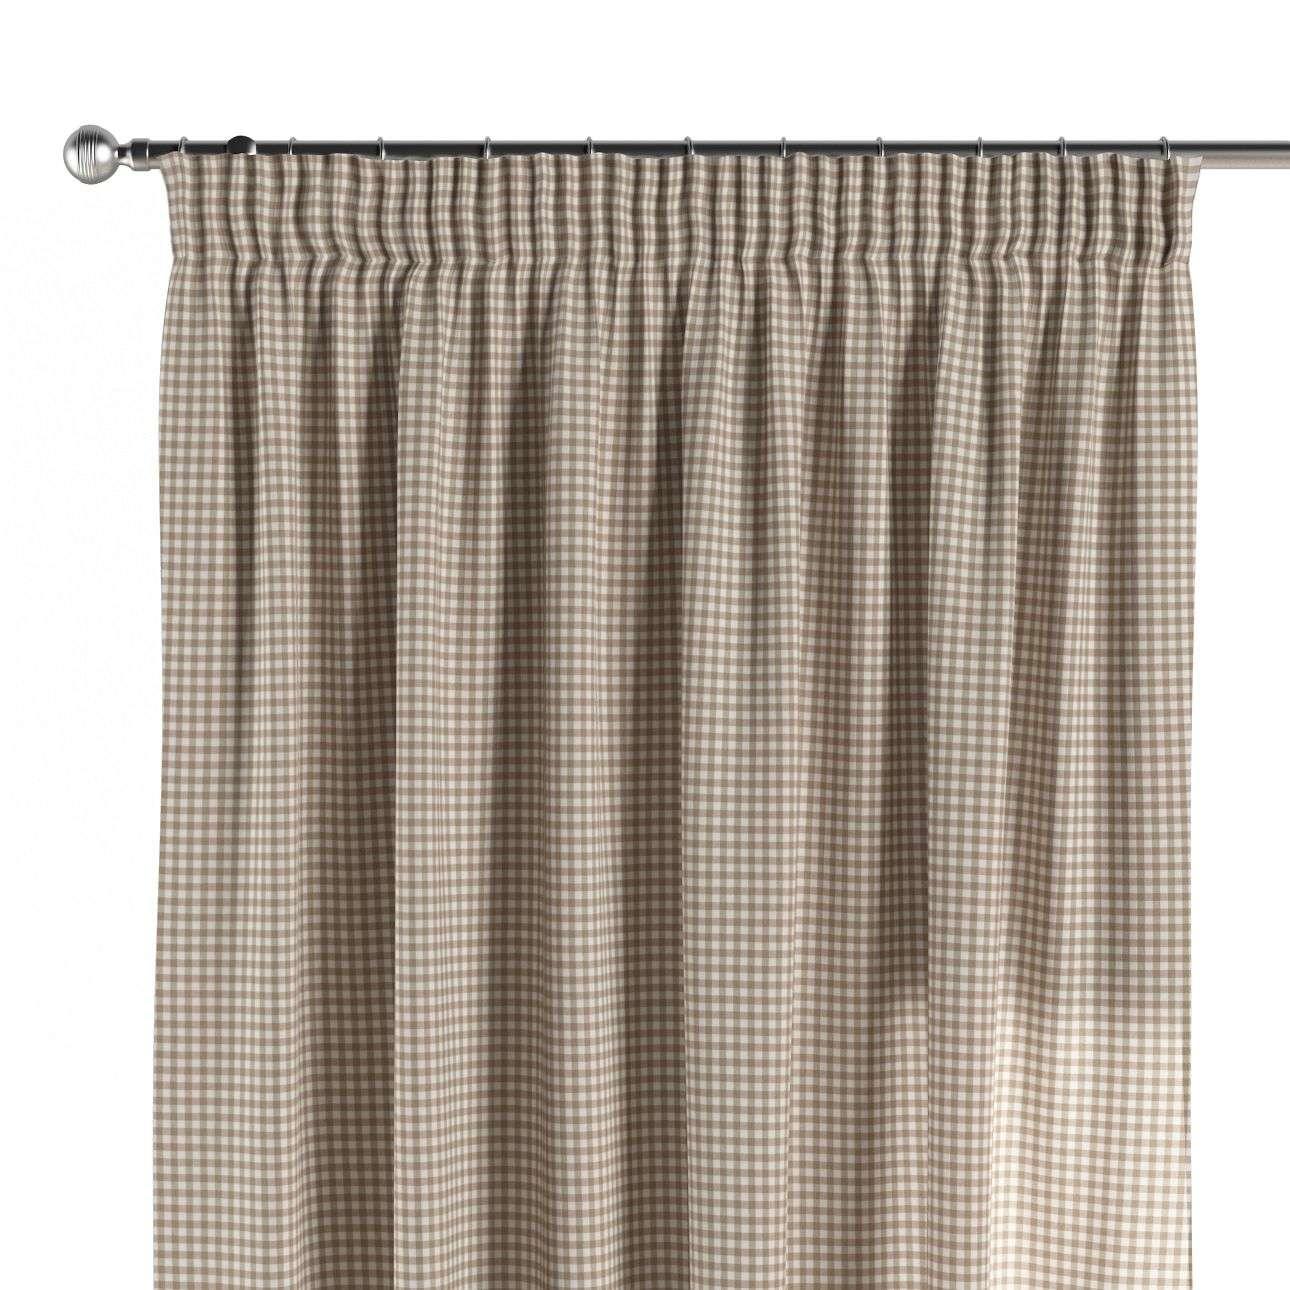 Vorhang mit Kräuselband 1 Stck. 130 x 260 cm von der Kollektion Quadro, Stoff: 136-05